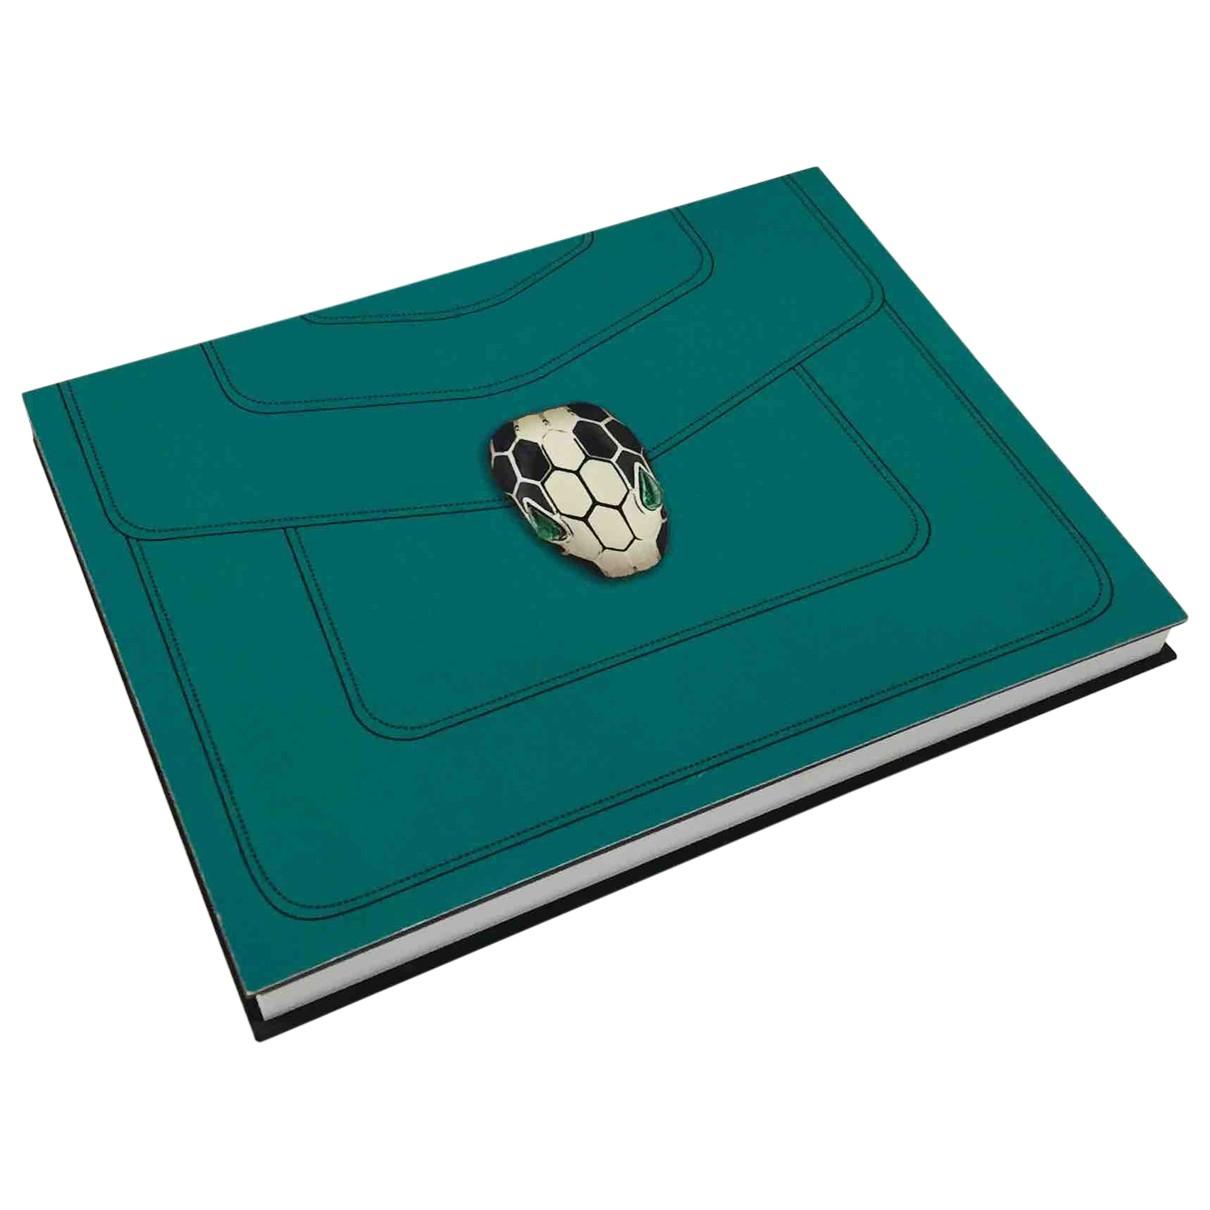 Bvlgari \N Accessoires und Dekoration in  Gruen Baumwolle